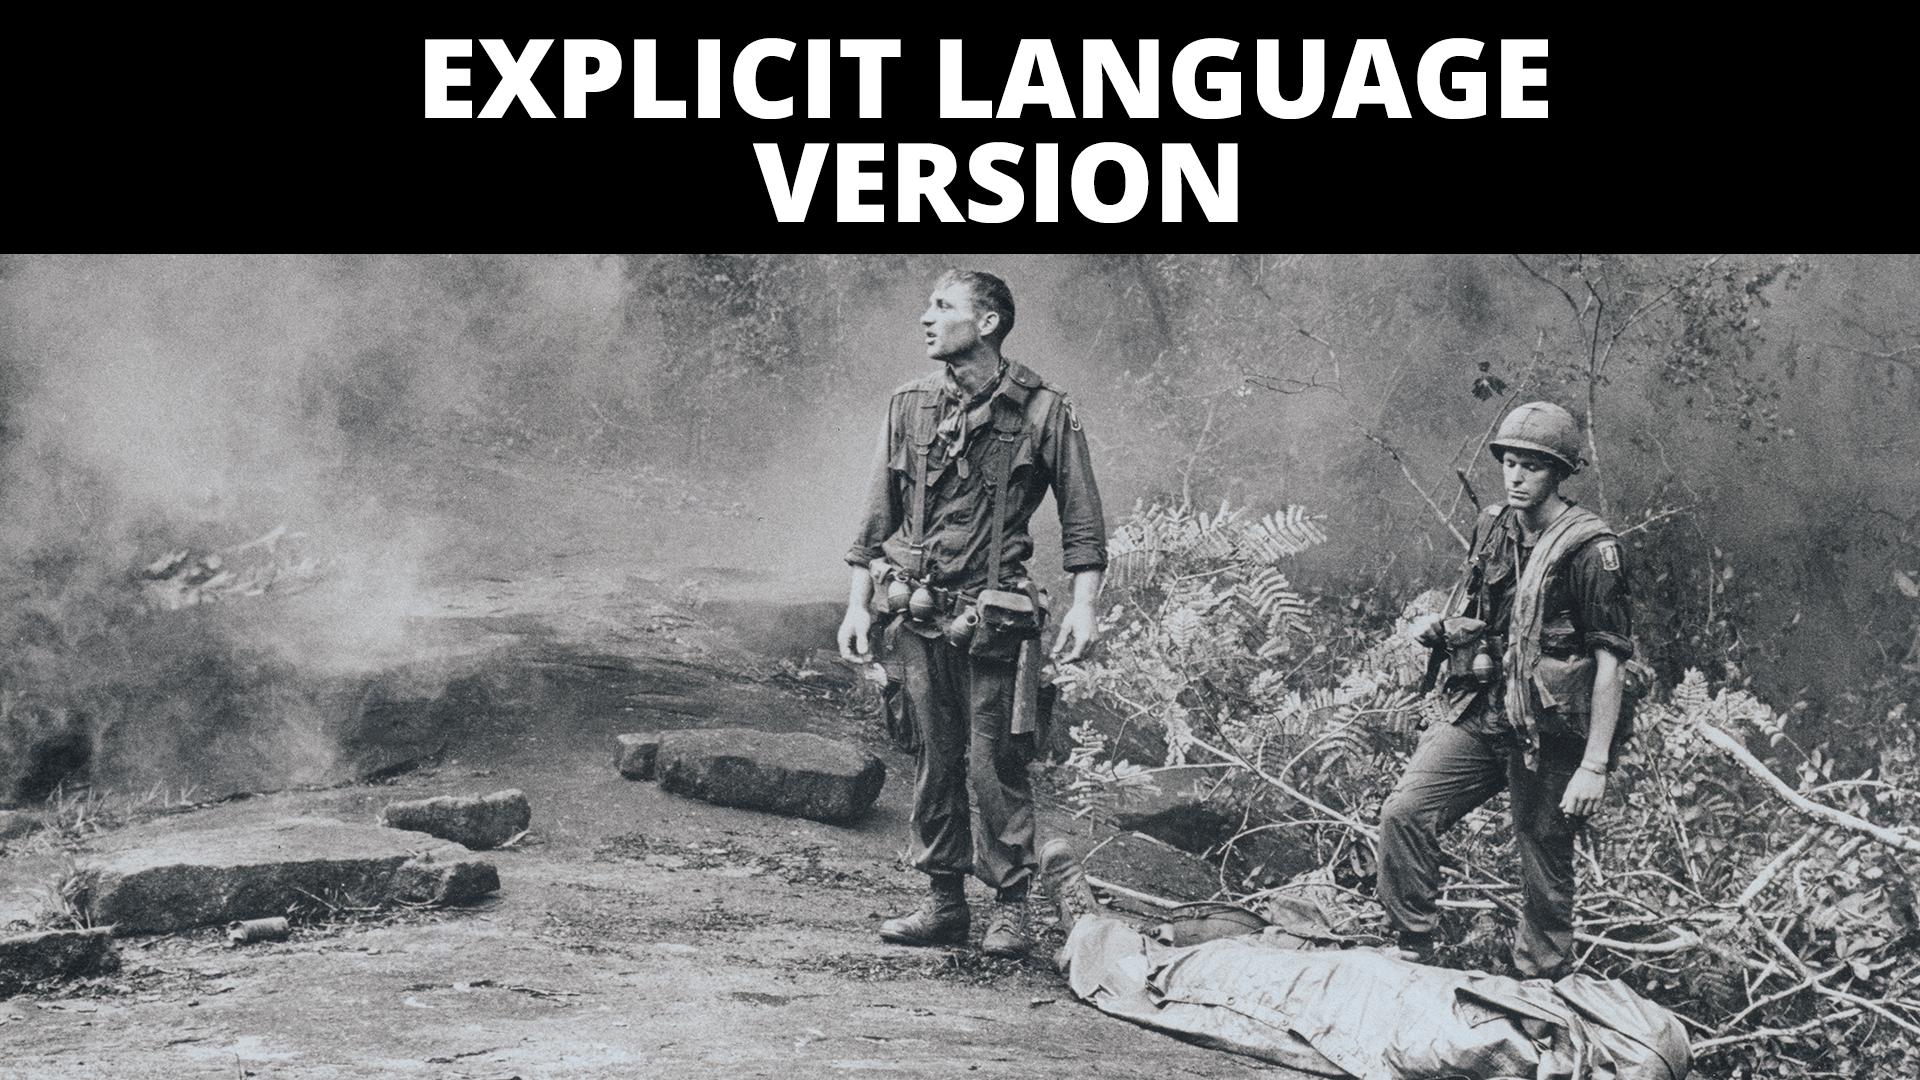 Explicit Language Version